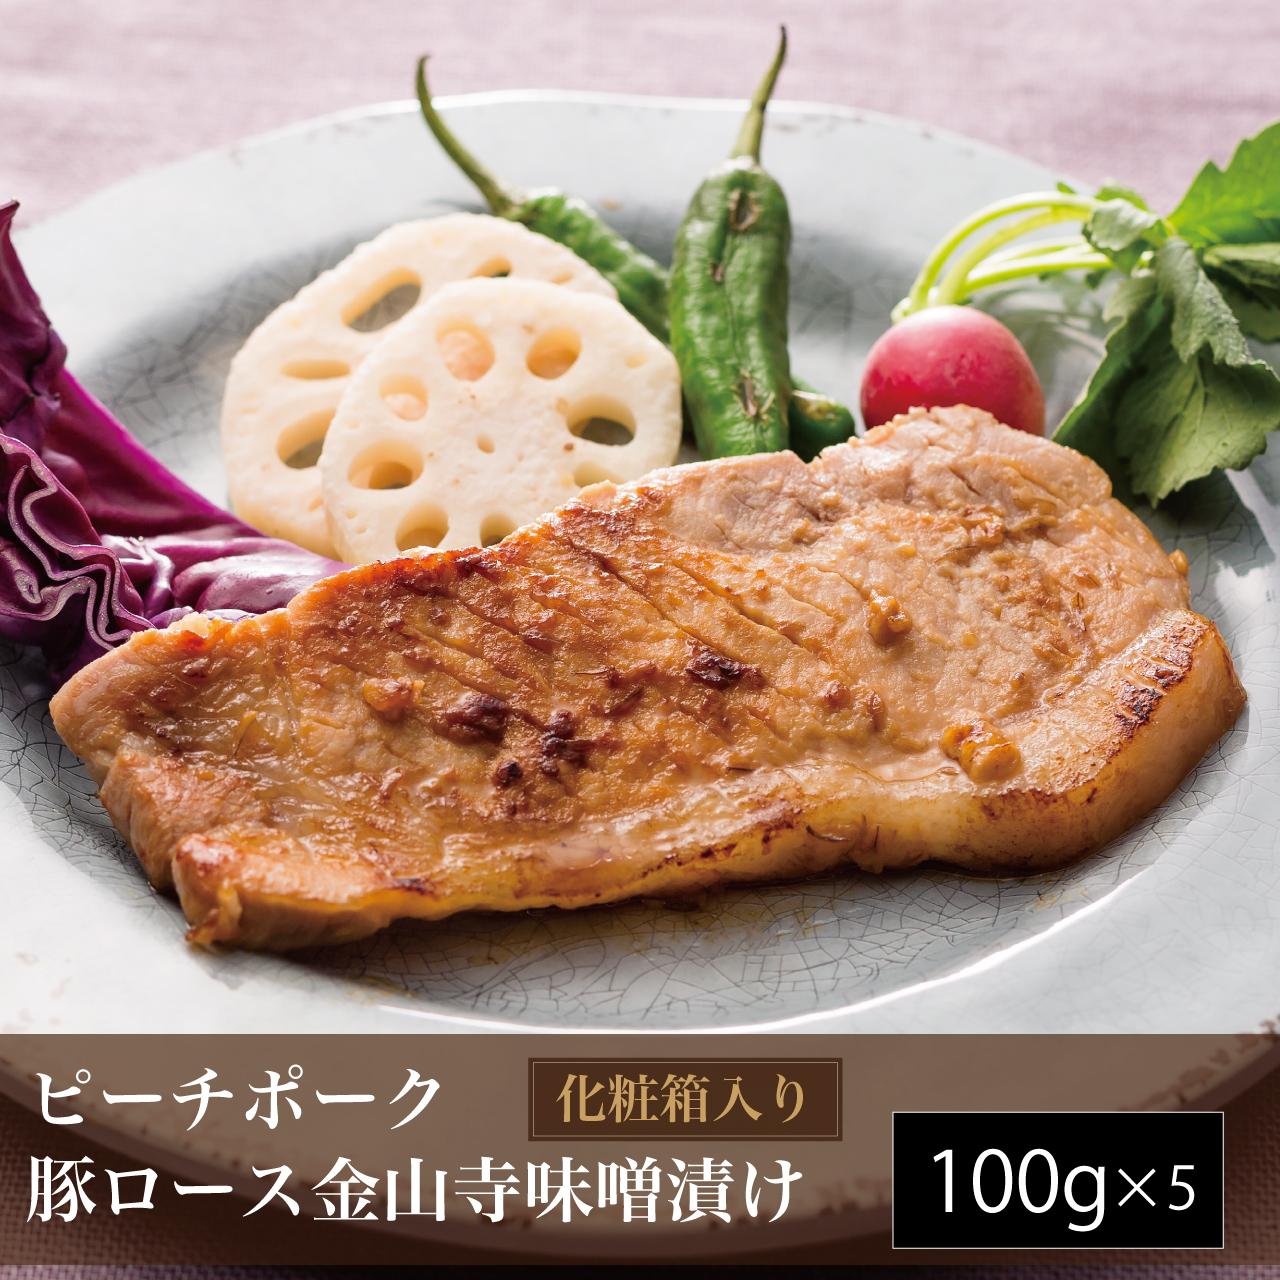 おかやまピーチポーク金山寺味噌漬け【送料無料】